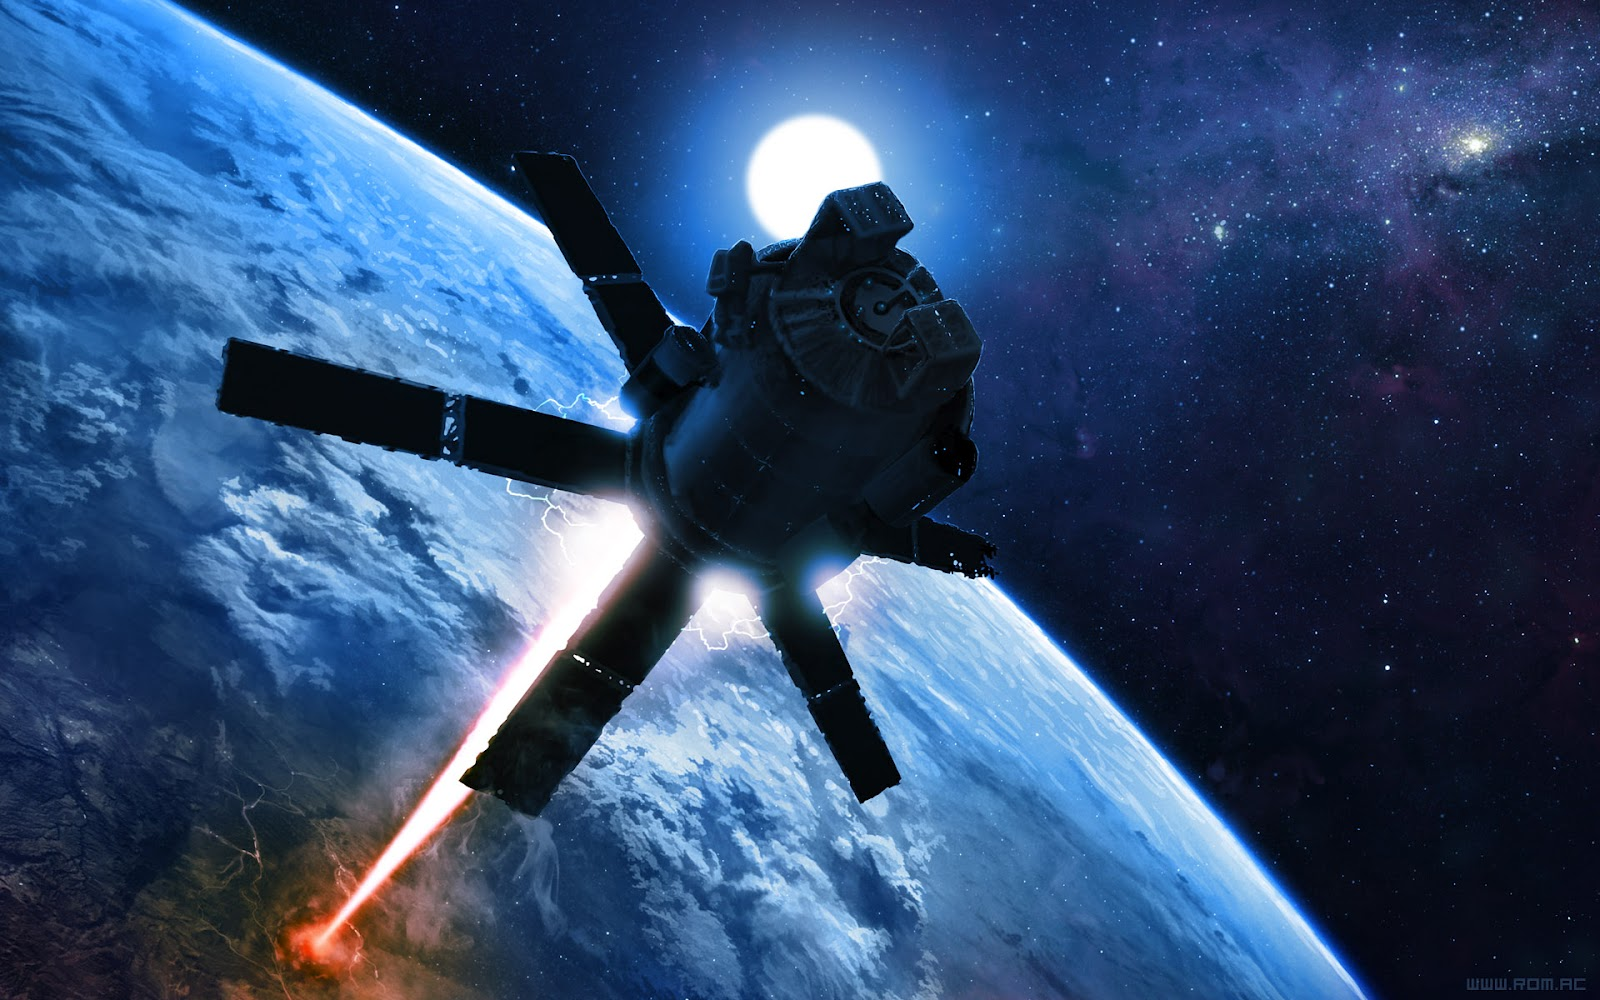 Risultati immagini per Project Thor, missile satellite cinetic